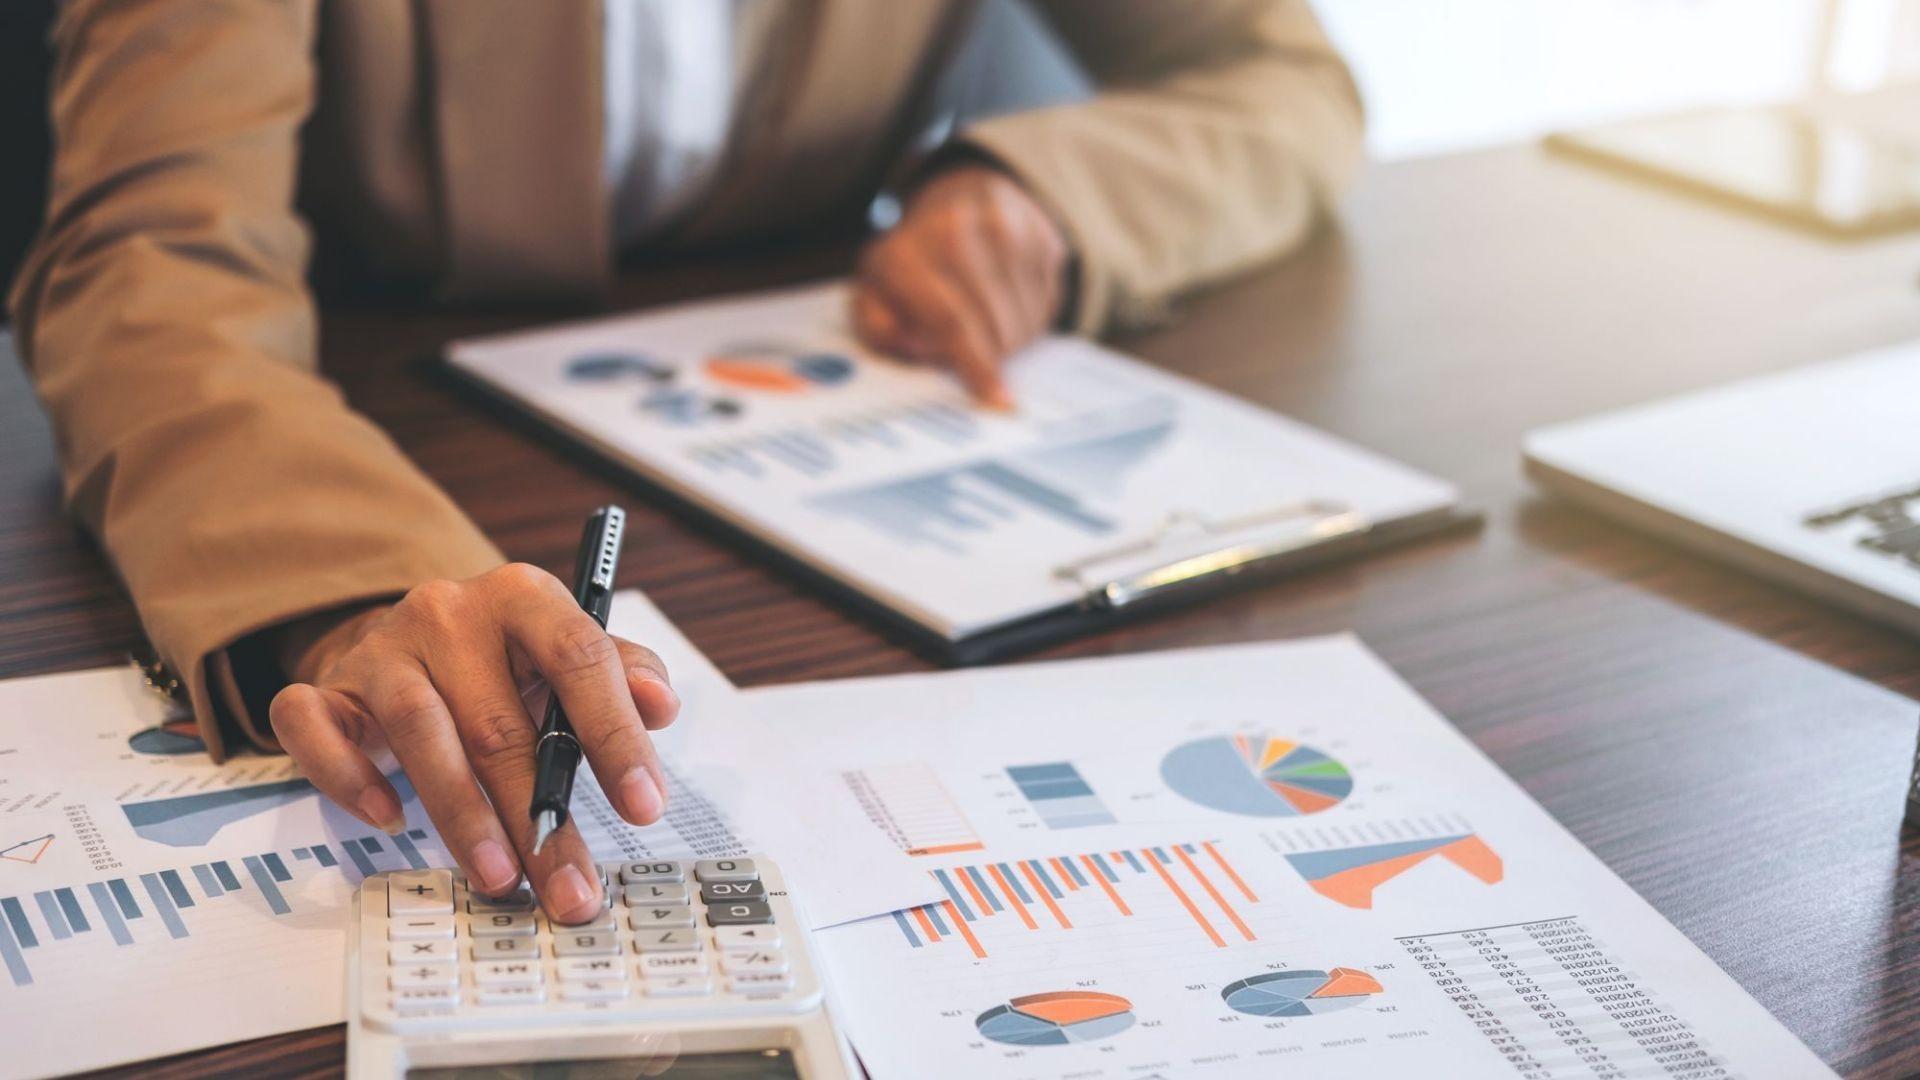 000 asesoría fiscal laboral contable mercantil gestoría  (1)